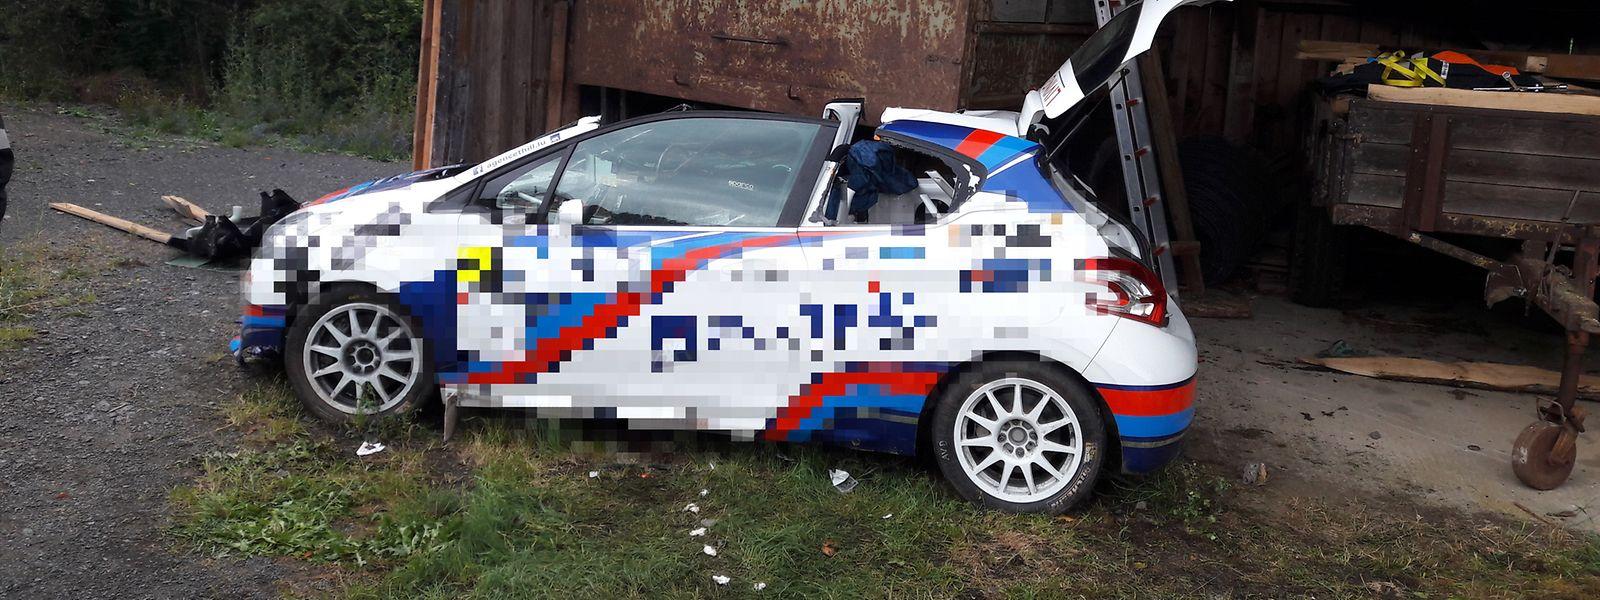 Das Fahrzeug wurde völlig zerstört.